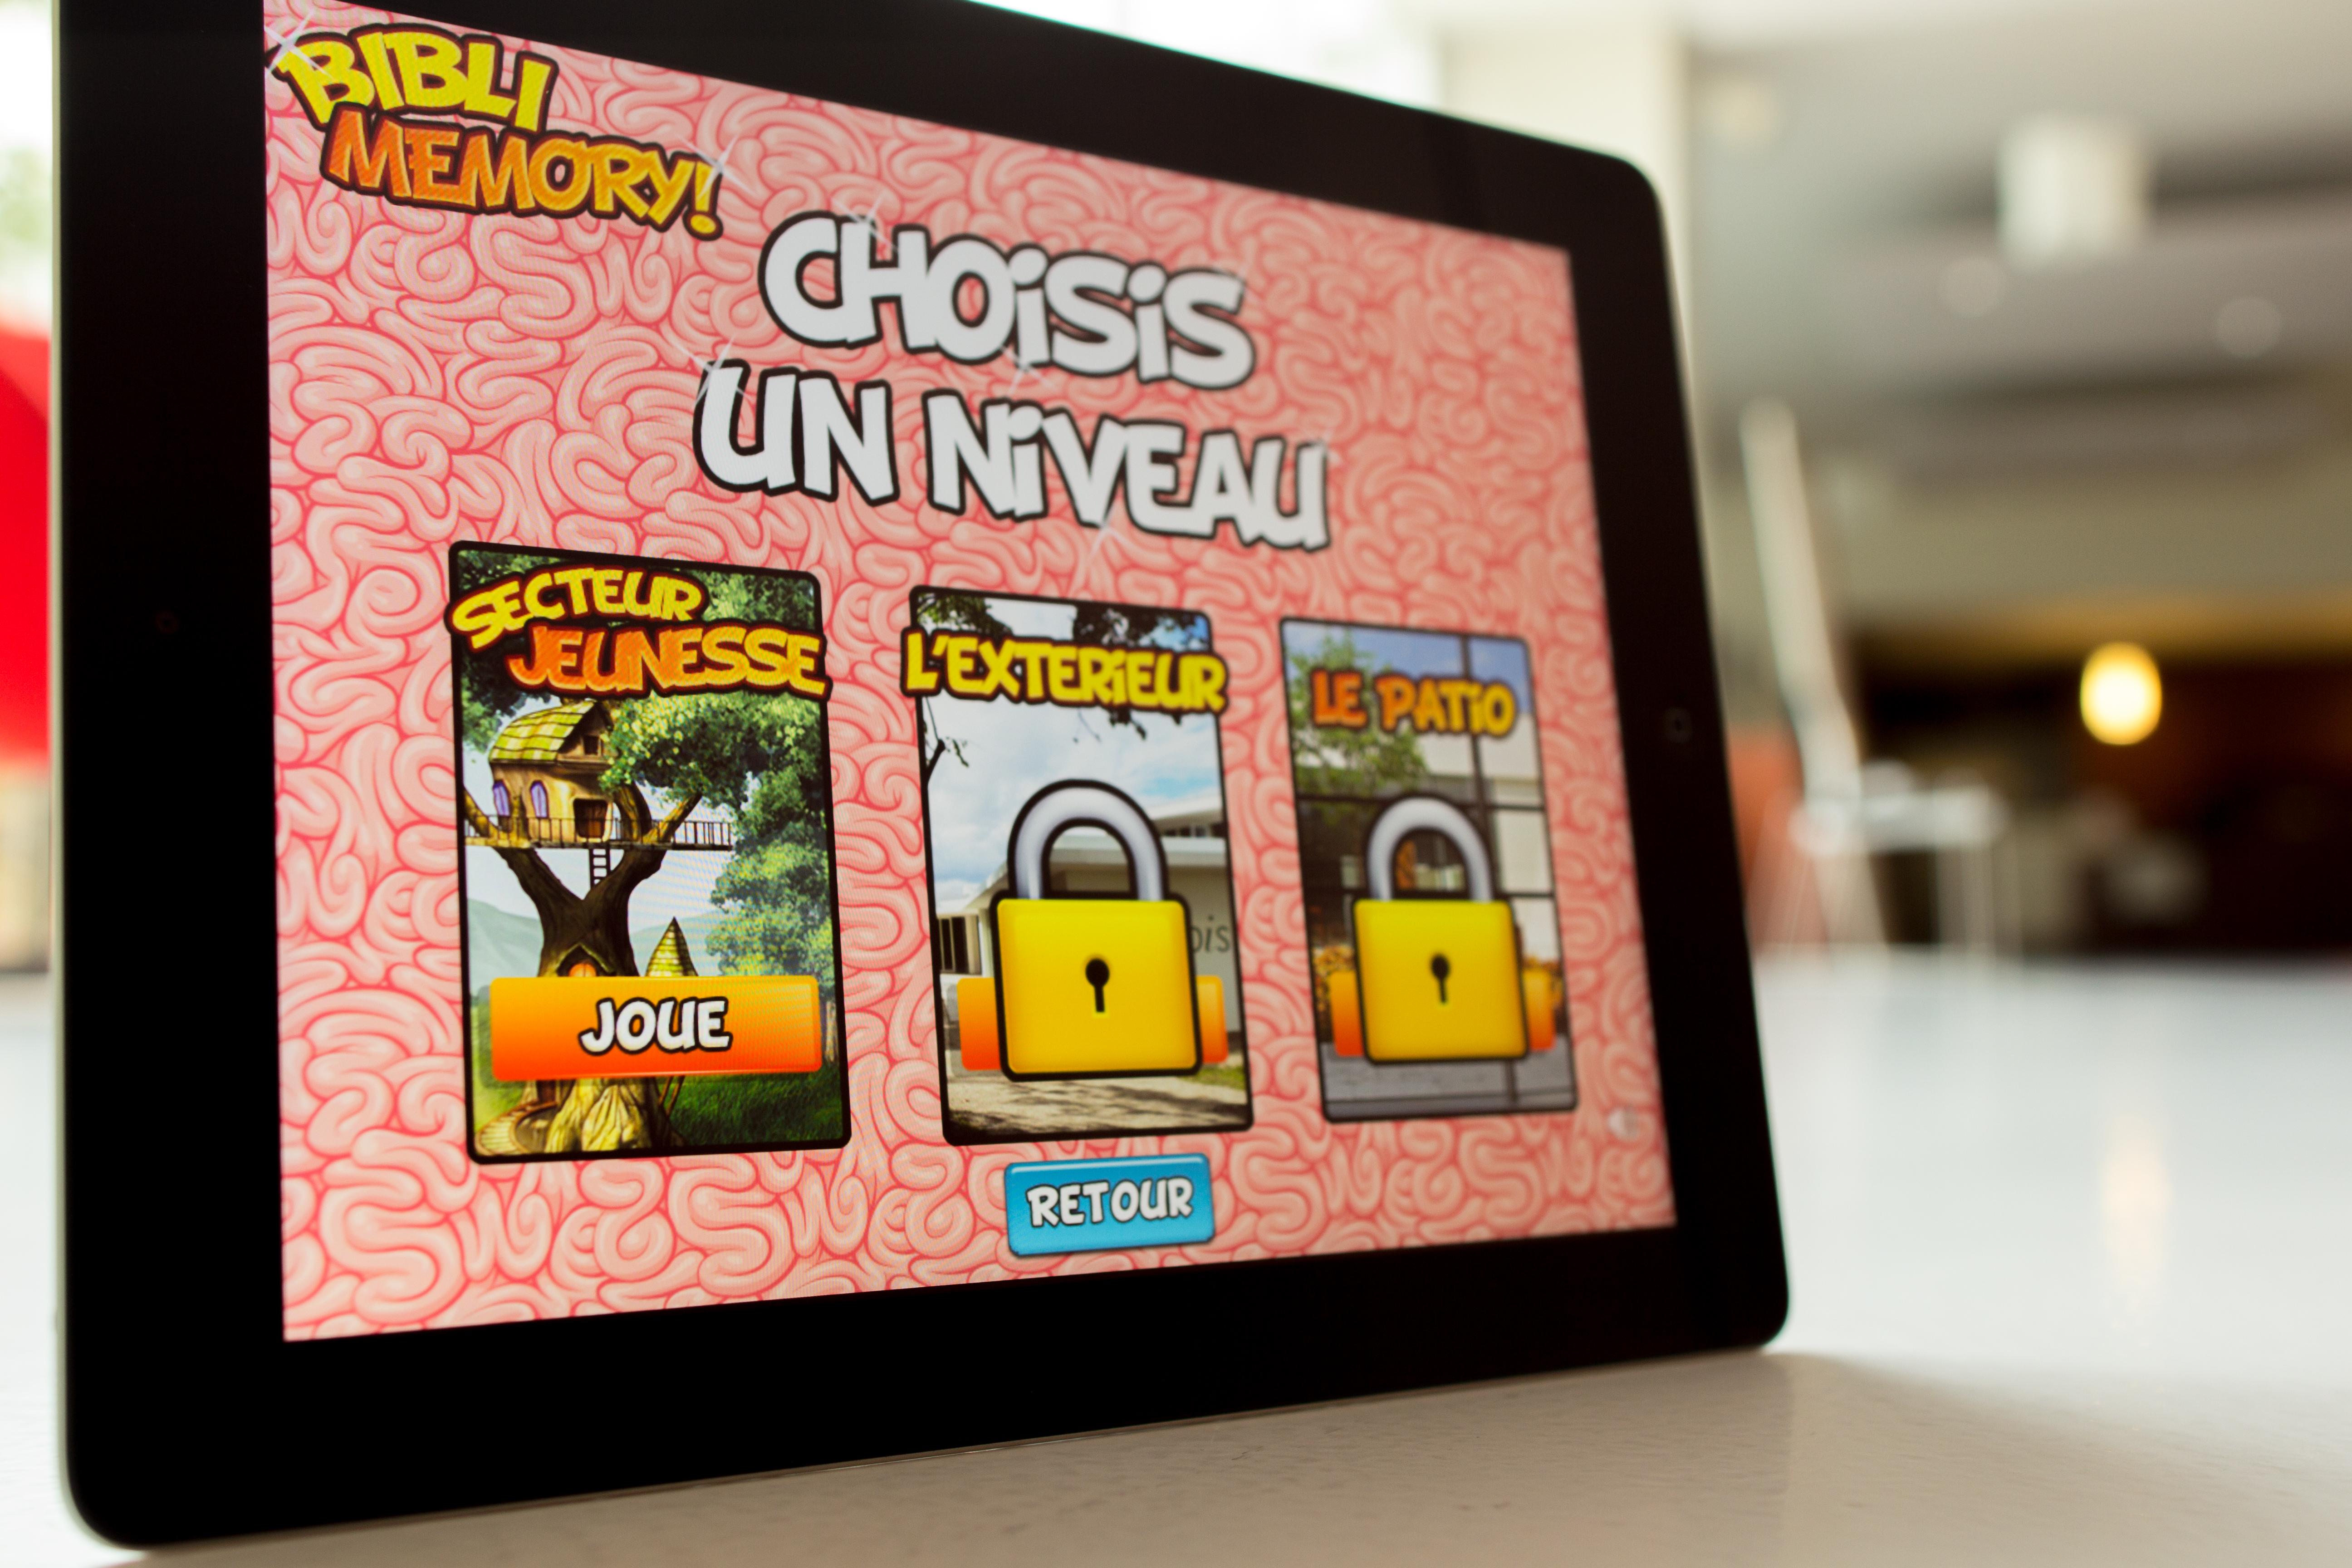 créer jeux utile création créer sérieux médiation valoriser bibliothèque médiathèques serious games interne